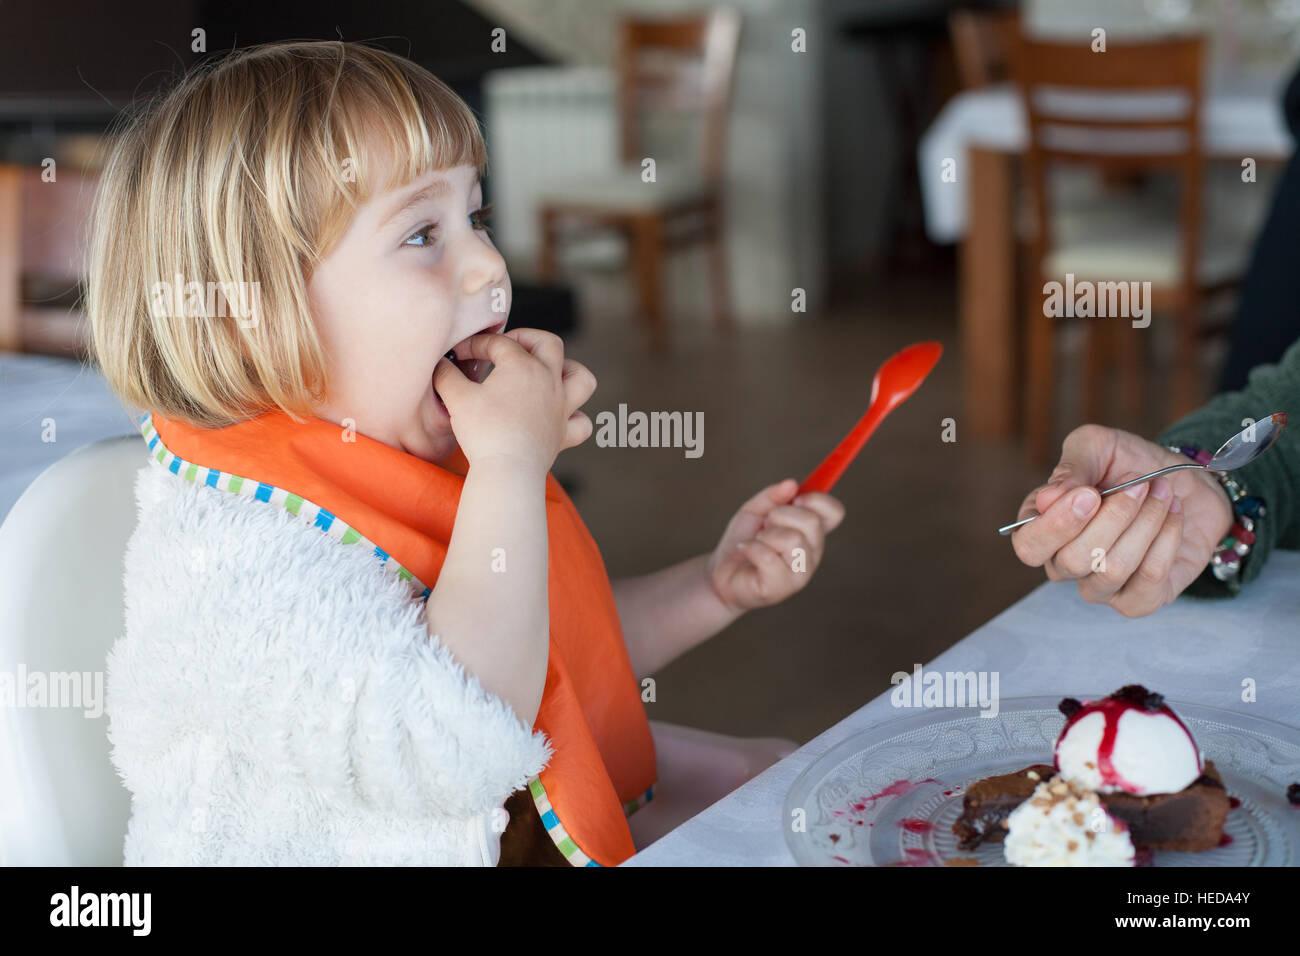 Niño de dos años con una cuchara de plástico naranja de comer con las manos en la boca compartir Imagen De Stock